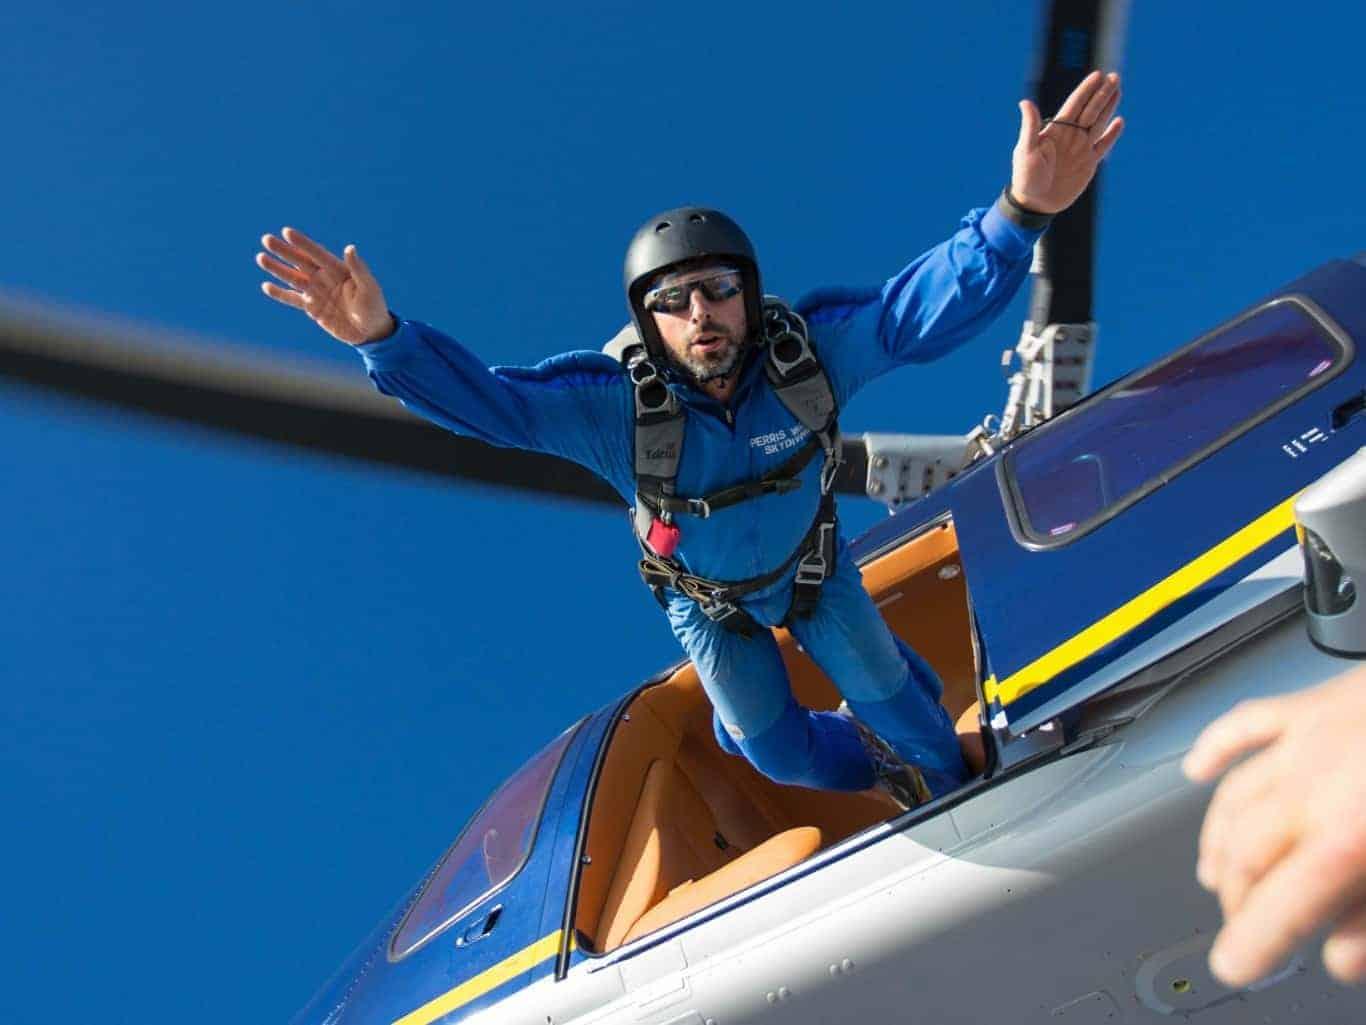 Sergey Brin 11 third party image